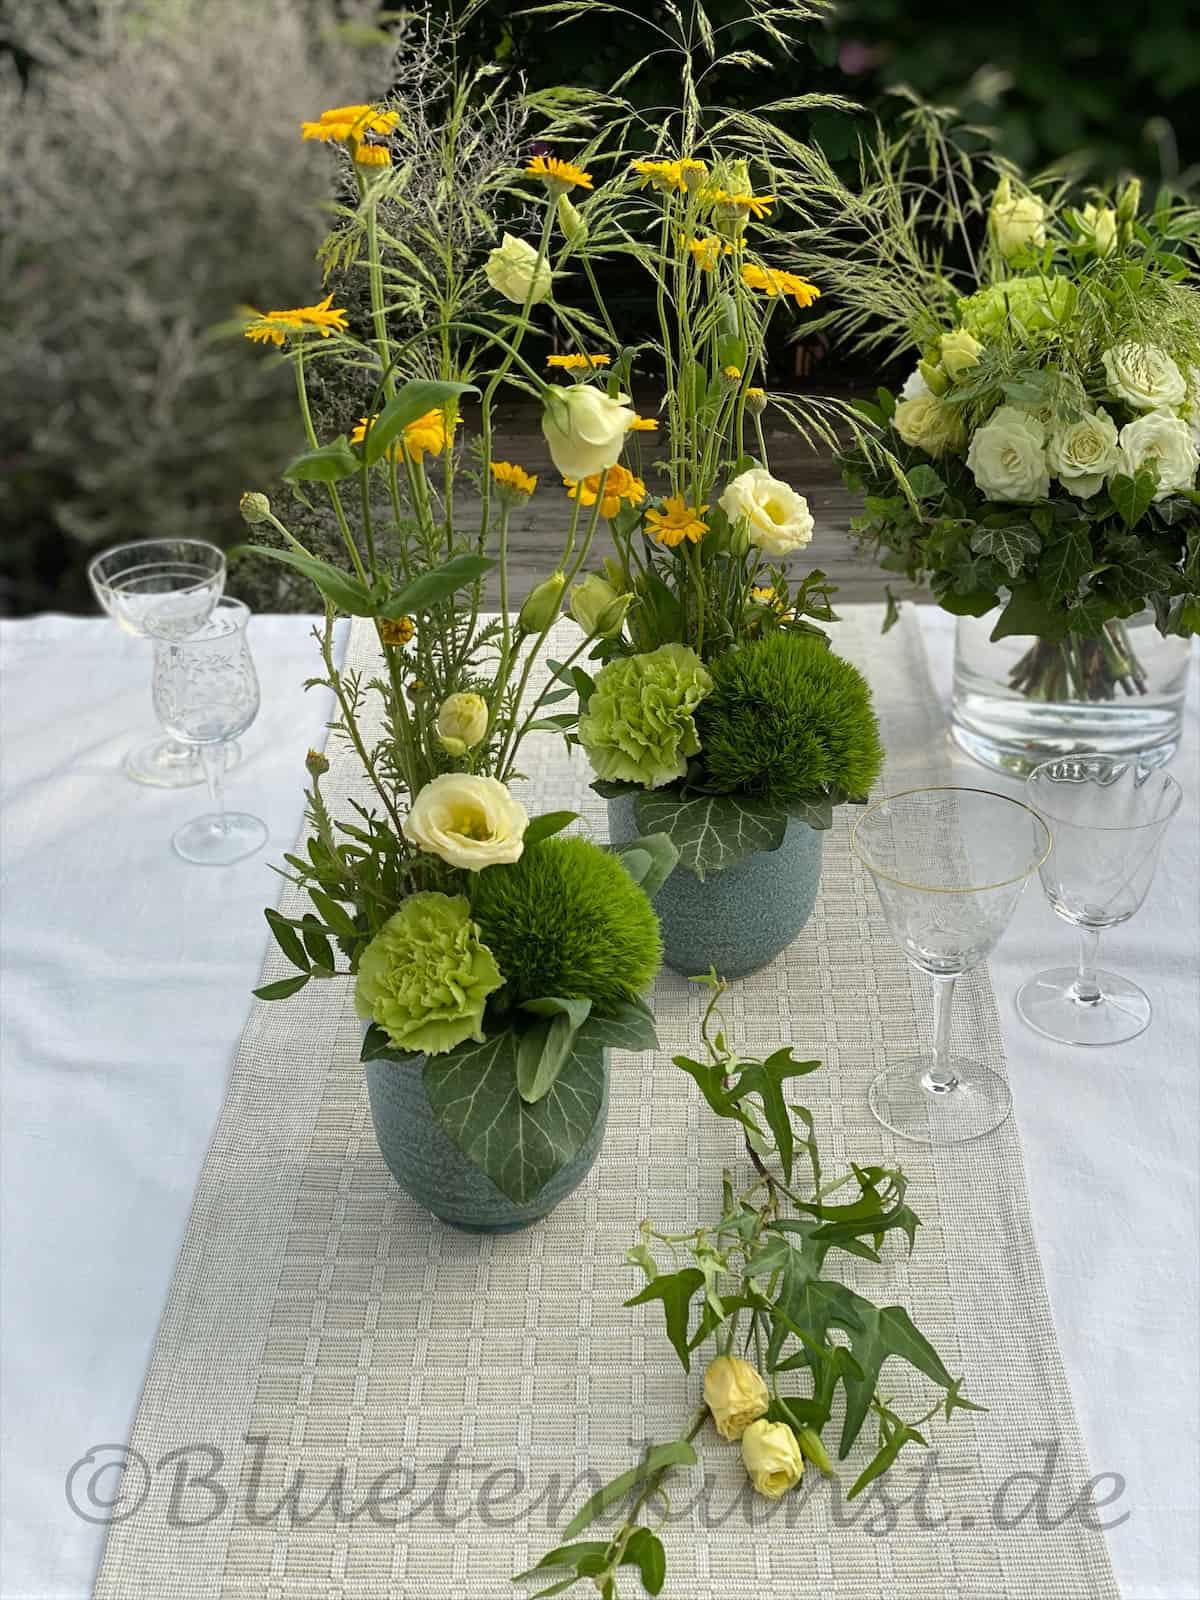 Tischdekoration Hochzeit weiß grün mit gelb grüne Bartnelke mit grüner Nelke, cremefarbener Lisianthus, Gräser und Färberkamille in gelb